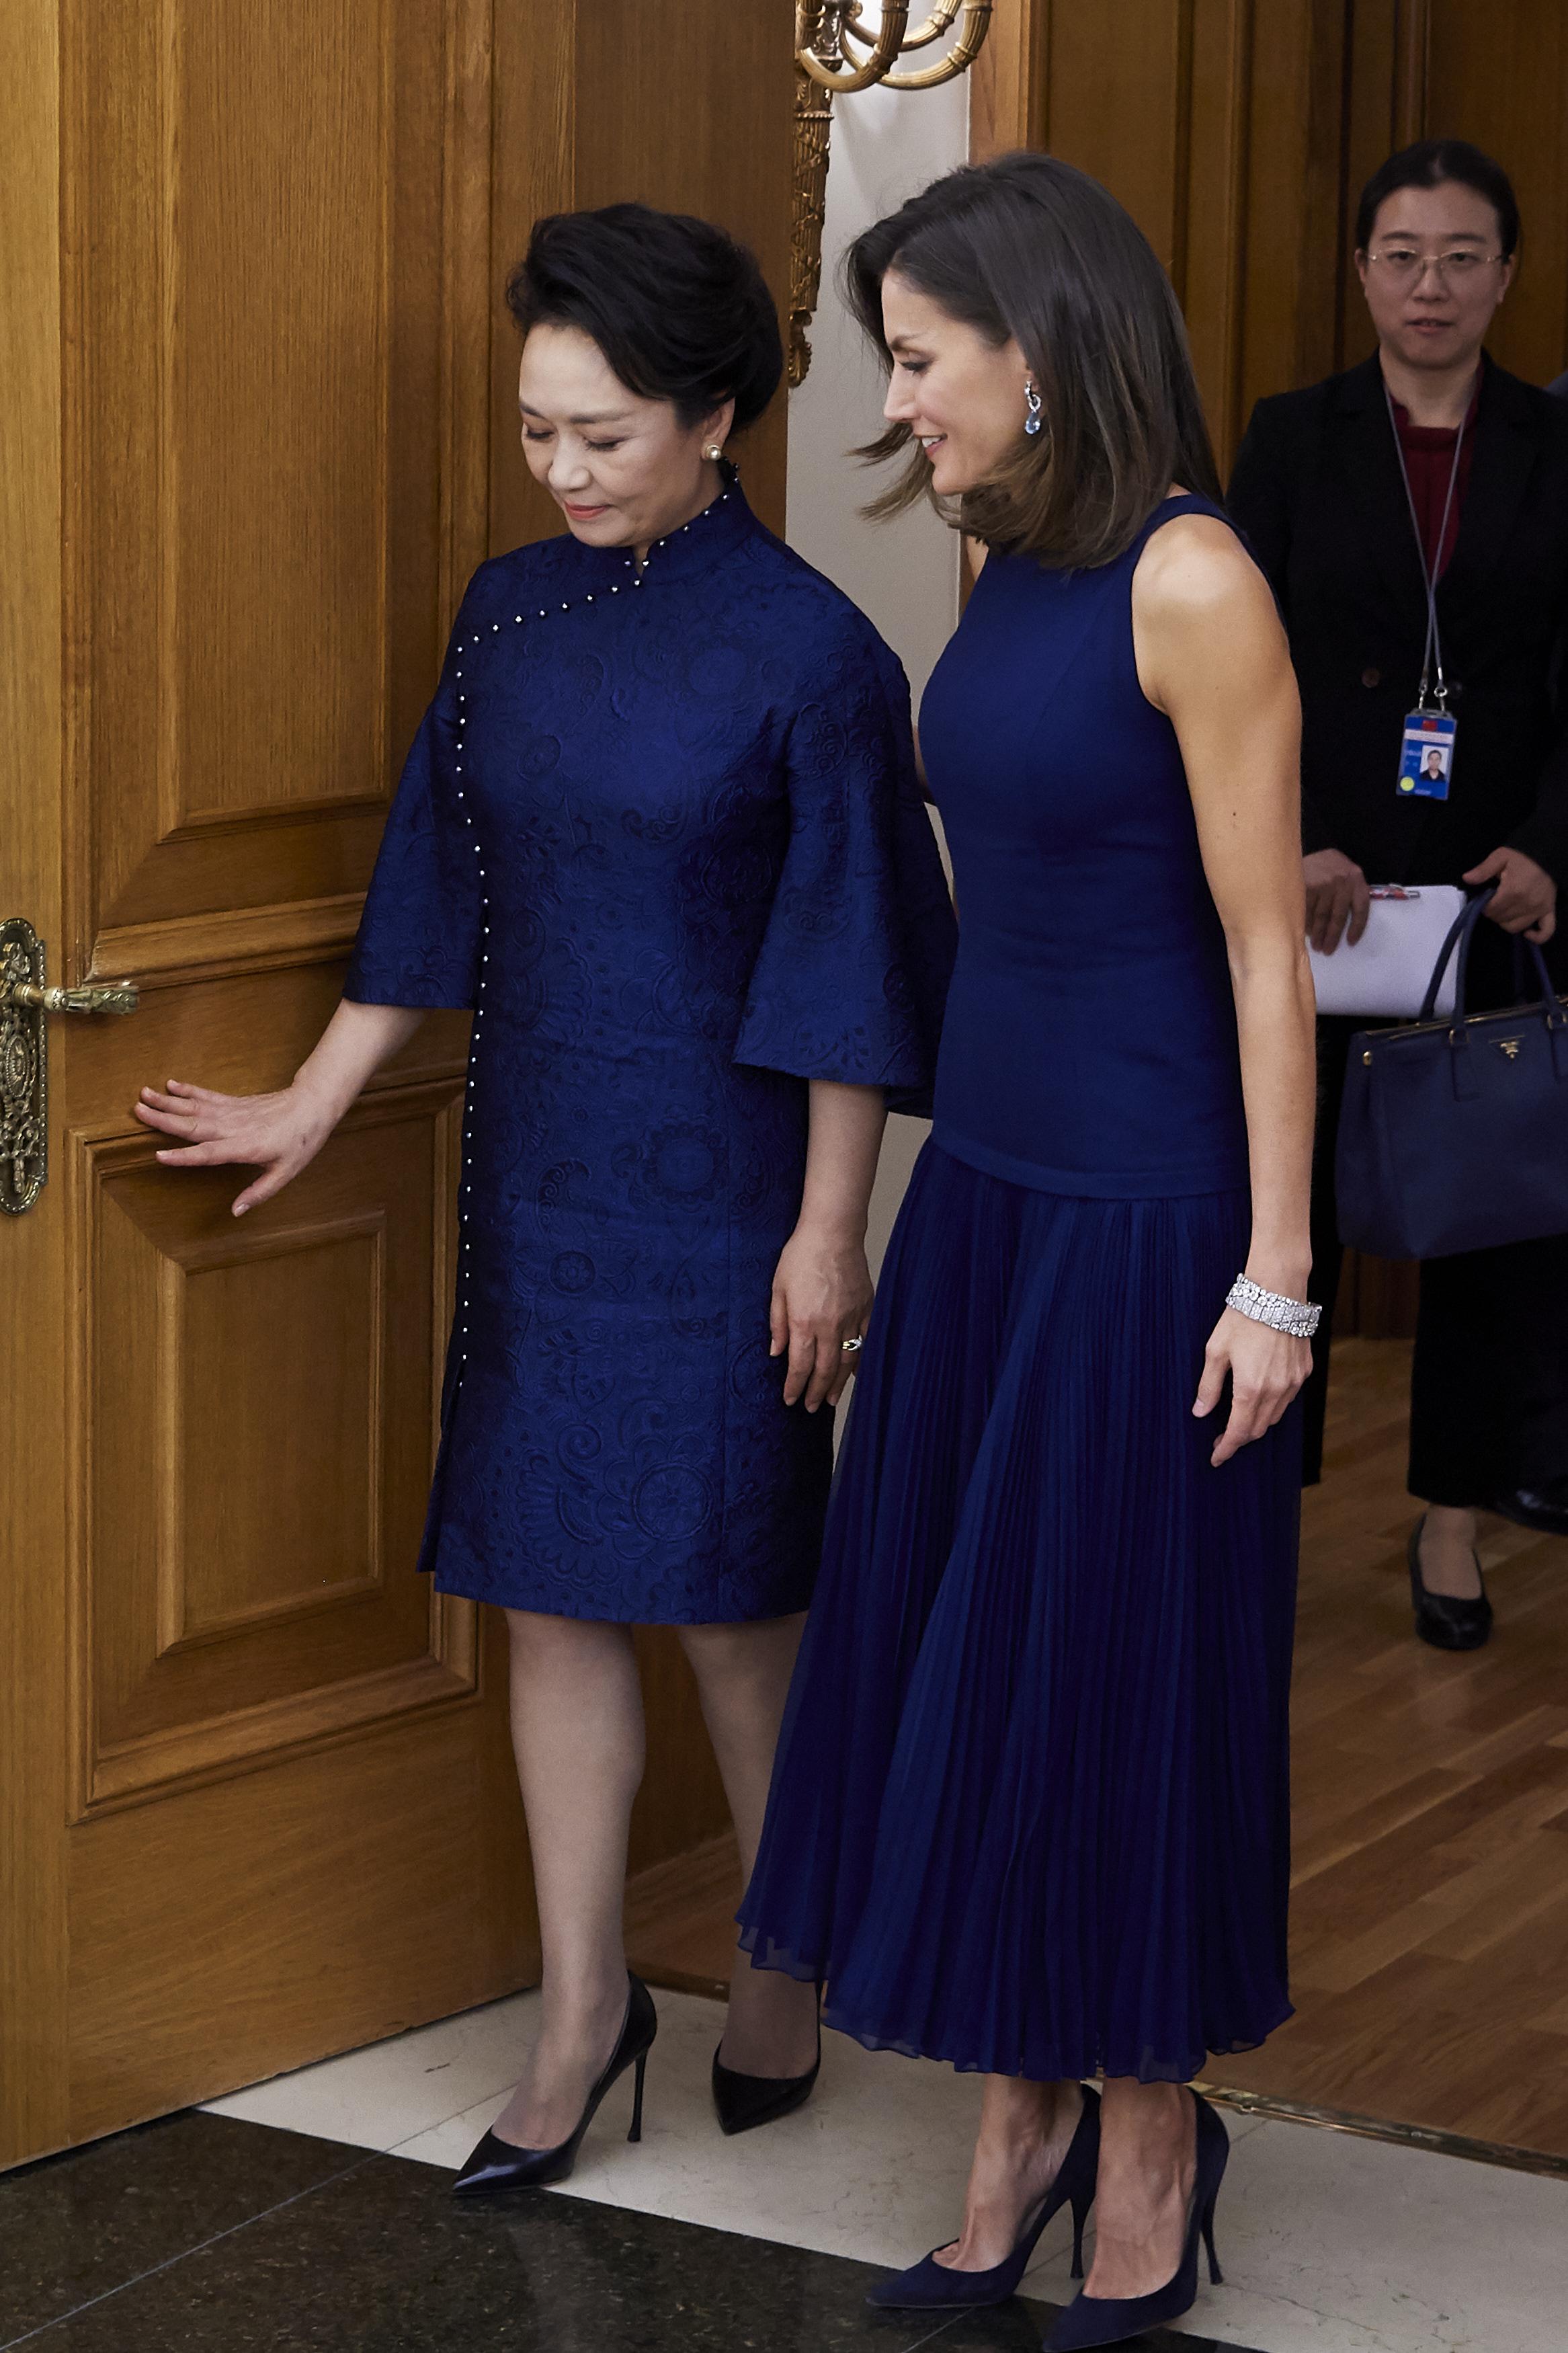 Кралица Летисия и крал Фелипе VI посрещнаха на официална вечеря Си Дзинпин, президен на Китай, и неговата съпругаПън Лиюен в двореца Сарсуела.